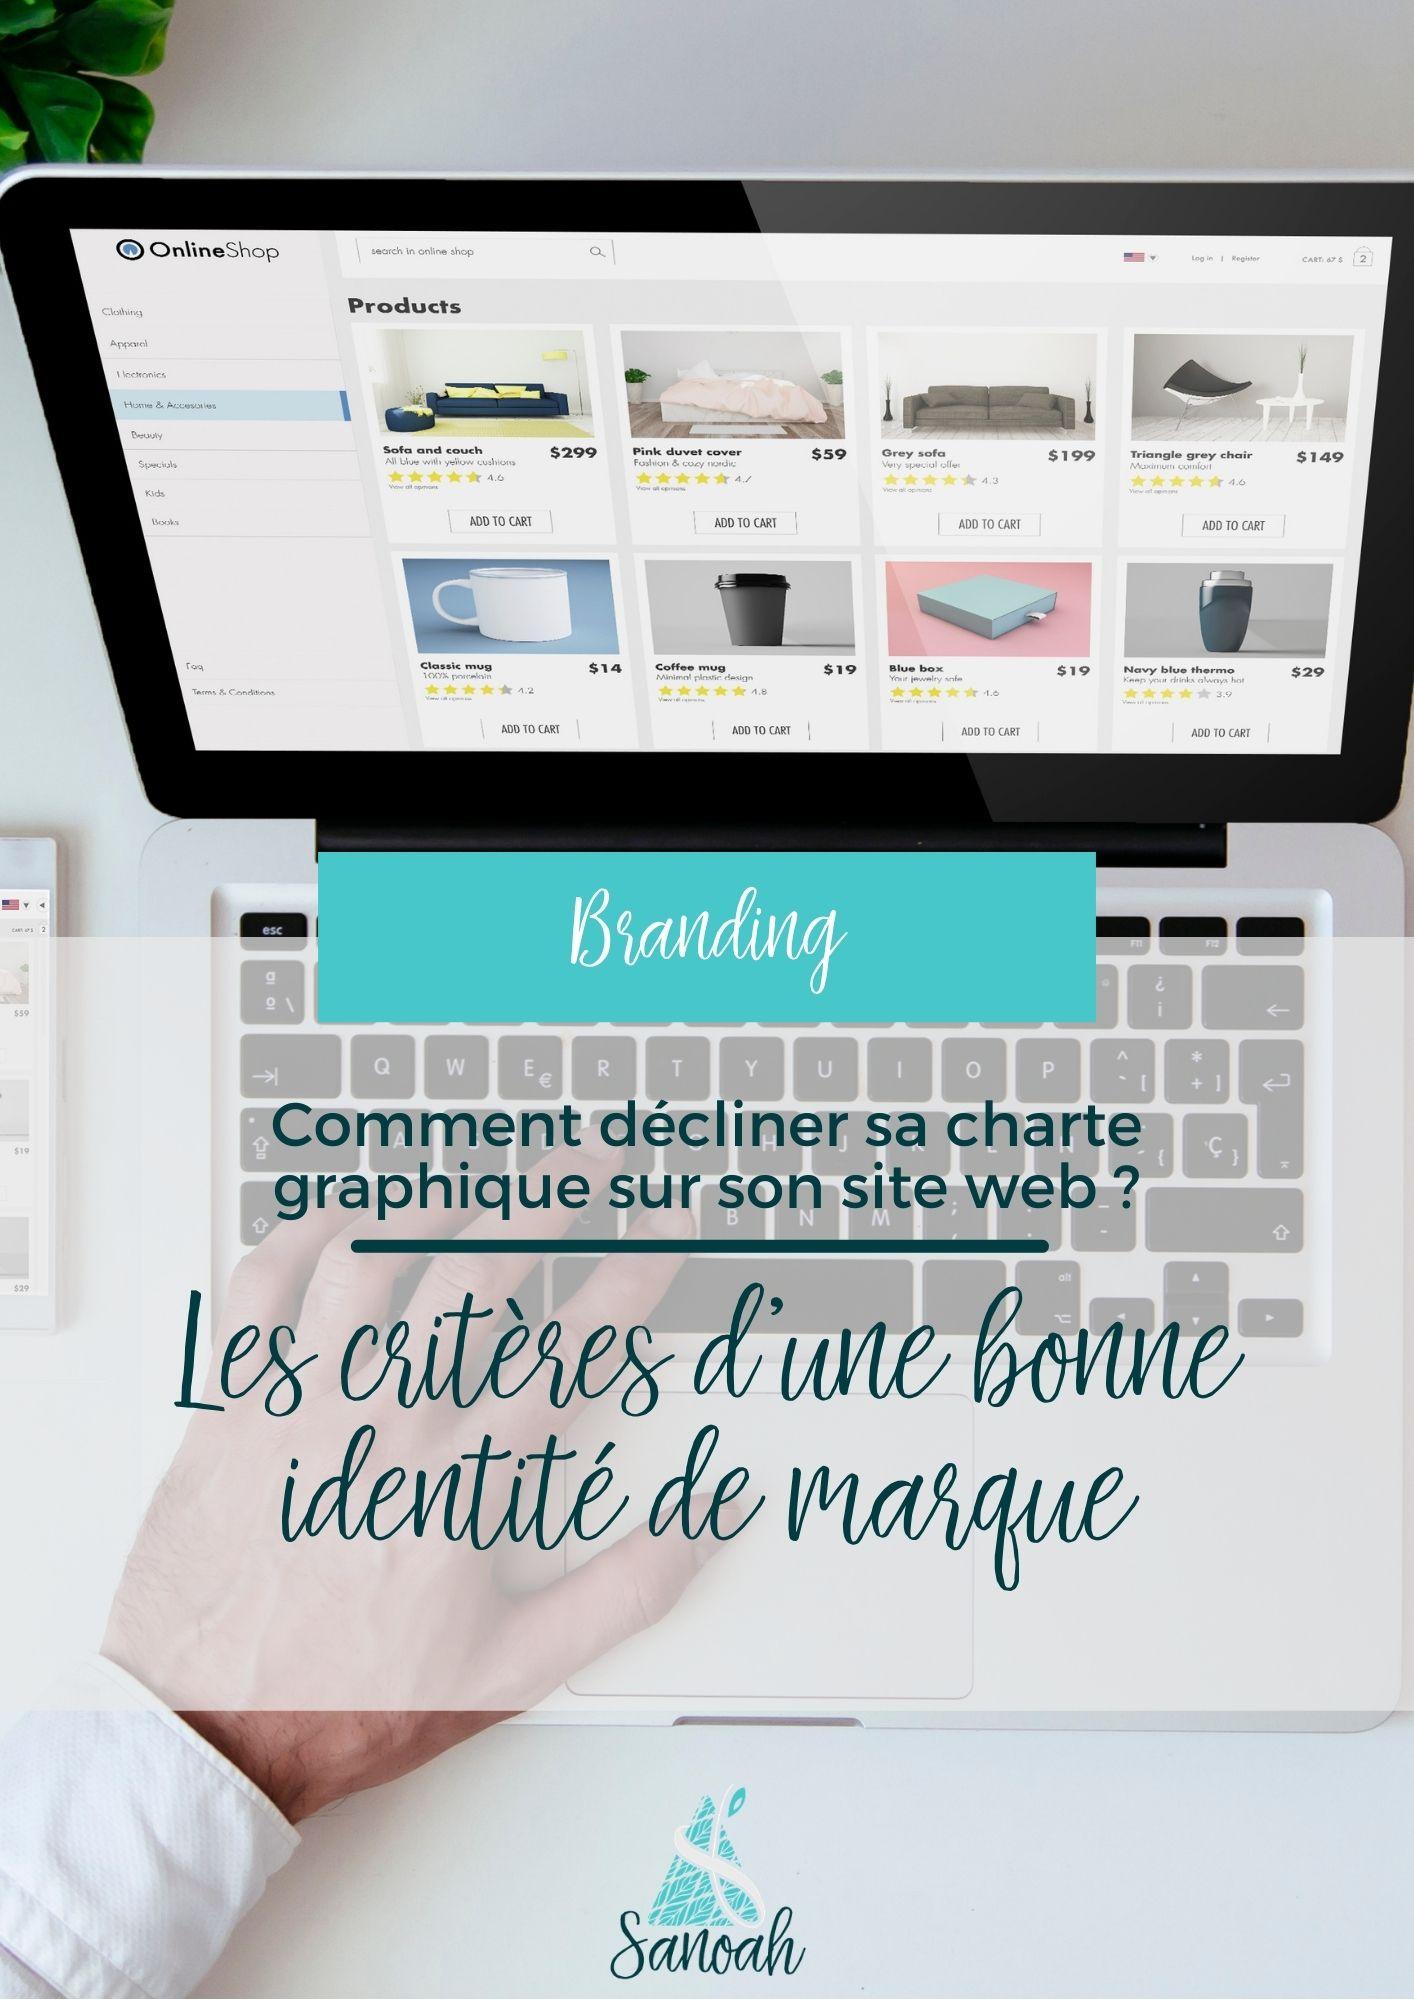 Comment décliner sa charte graphique sur son site web_Les critères d'une bonne identité de marque